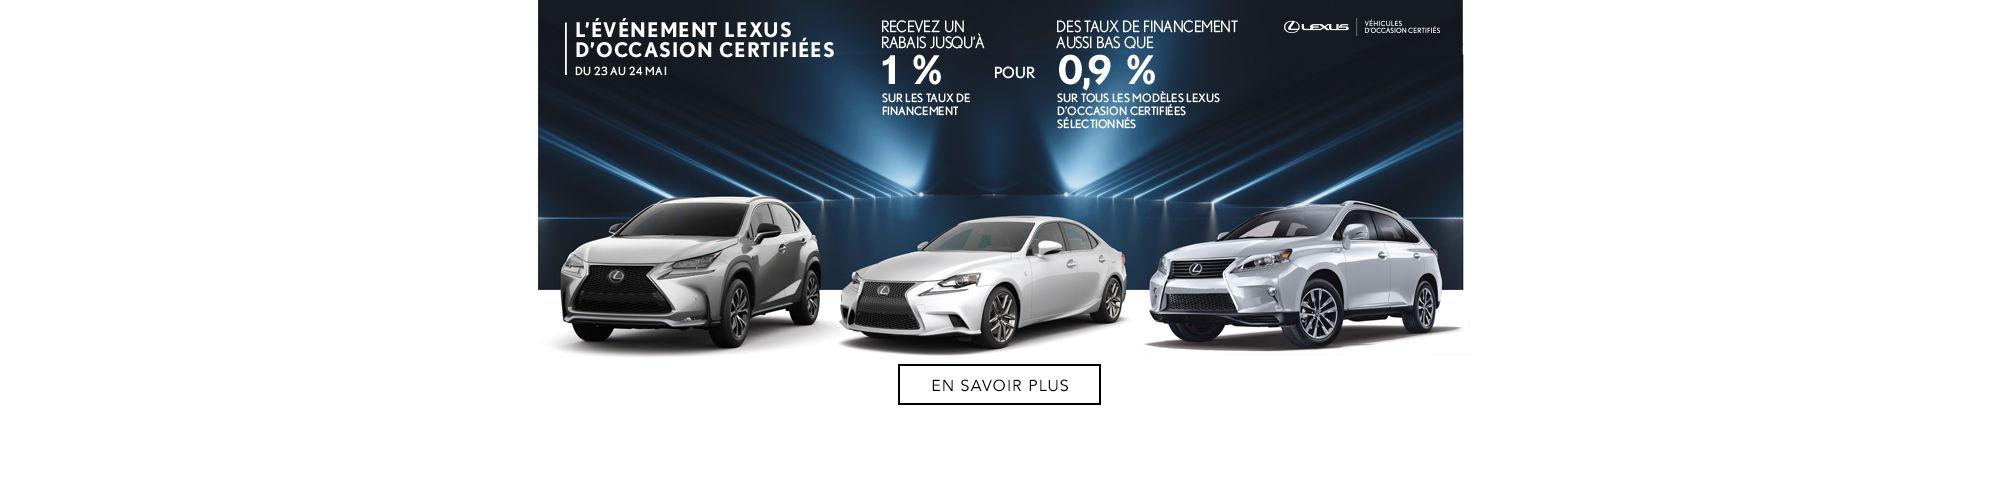 L'Événement Lexus d'occasion certifiés